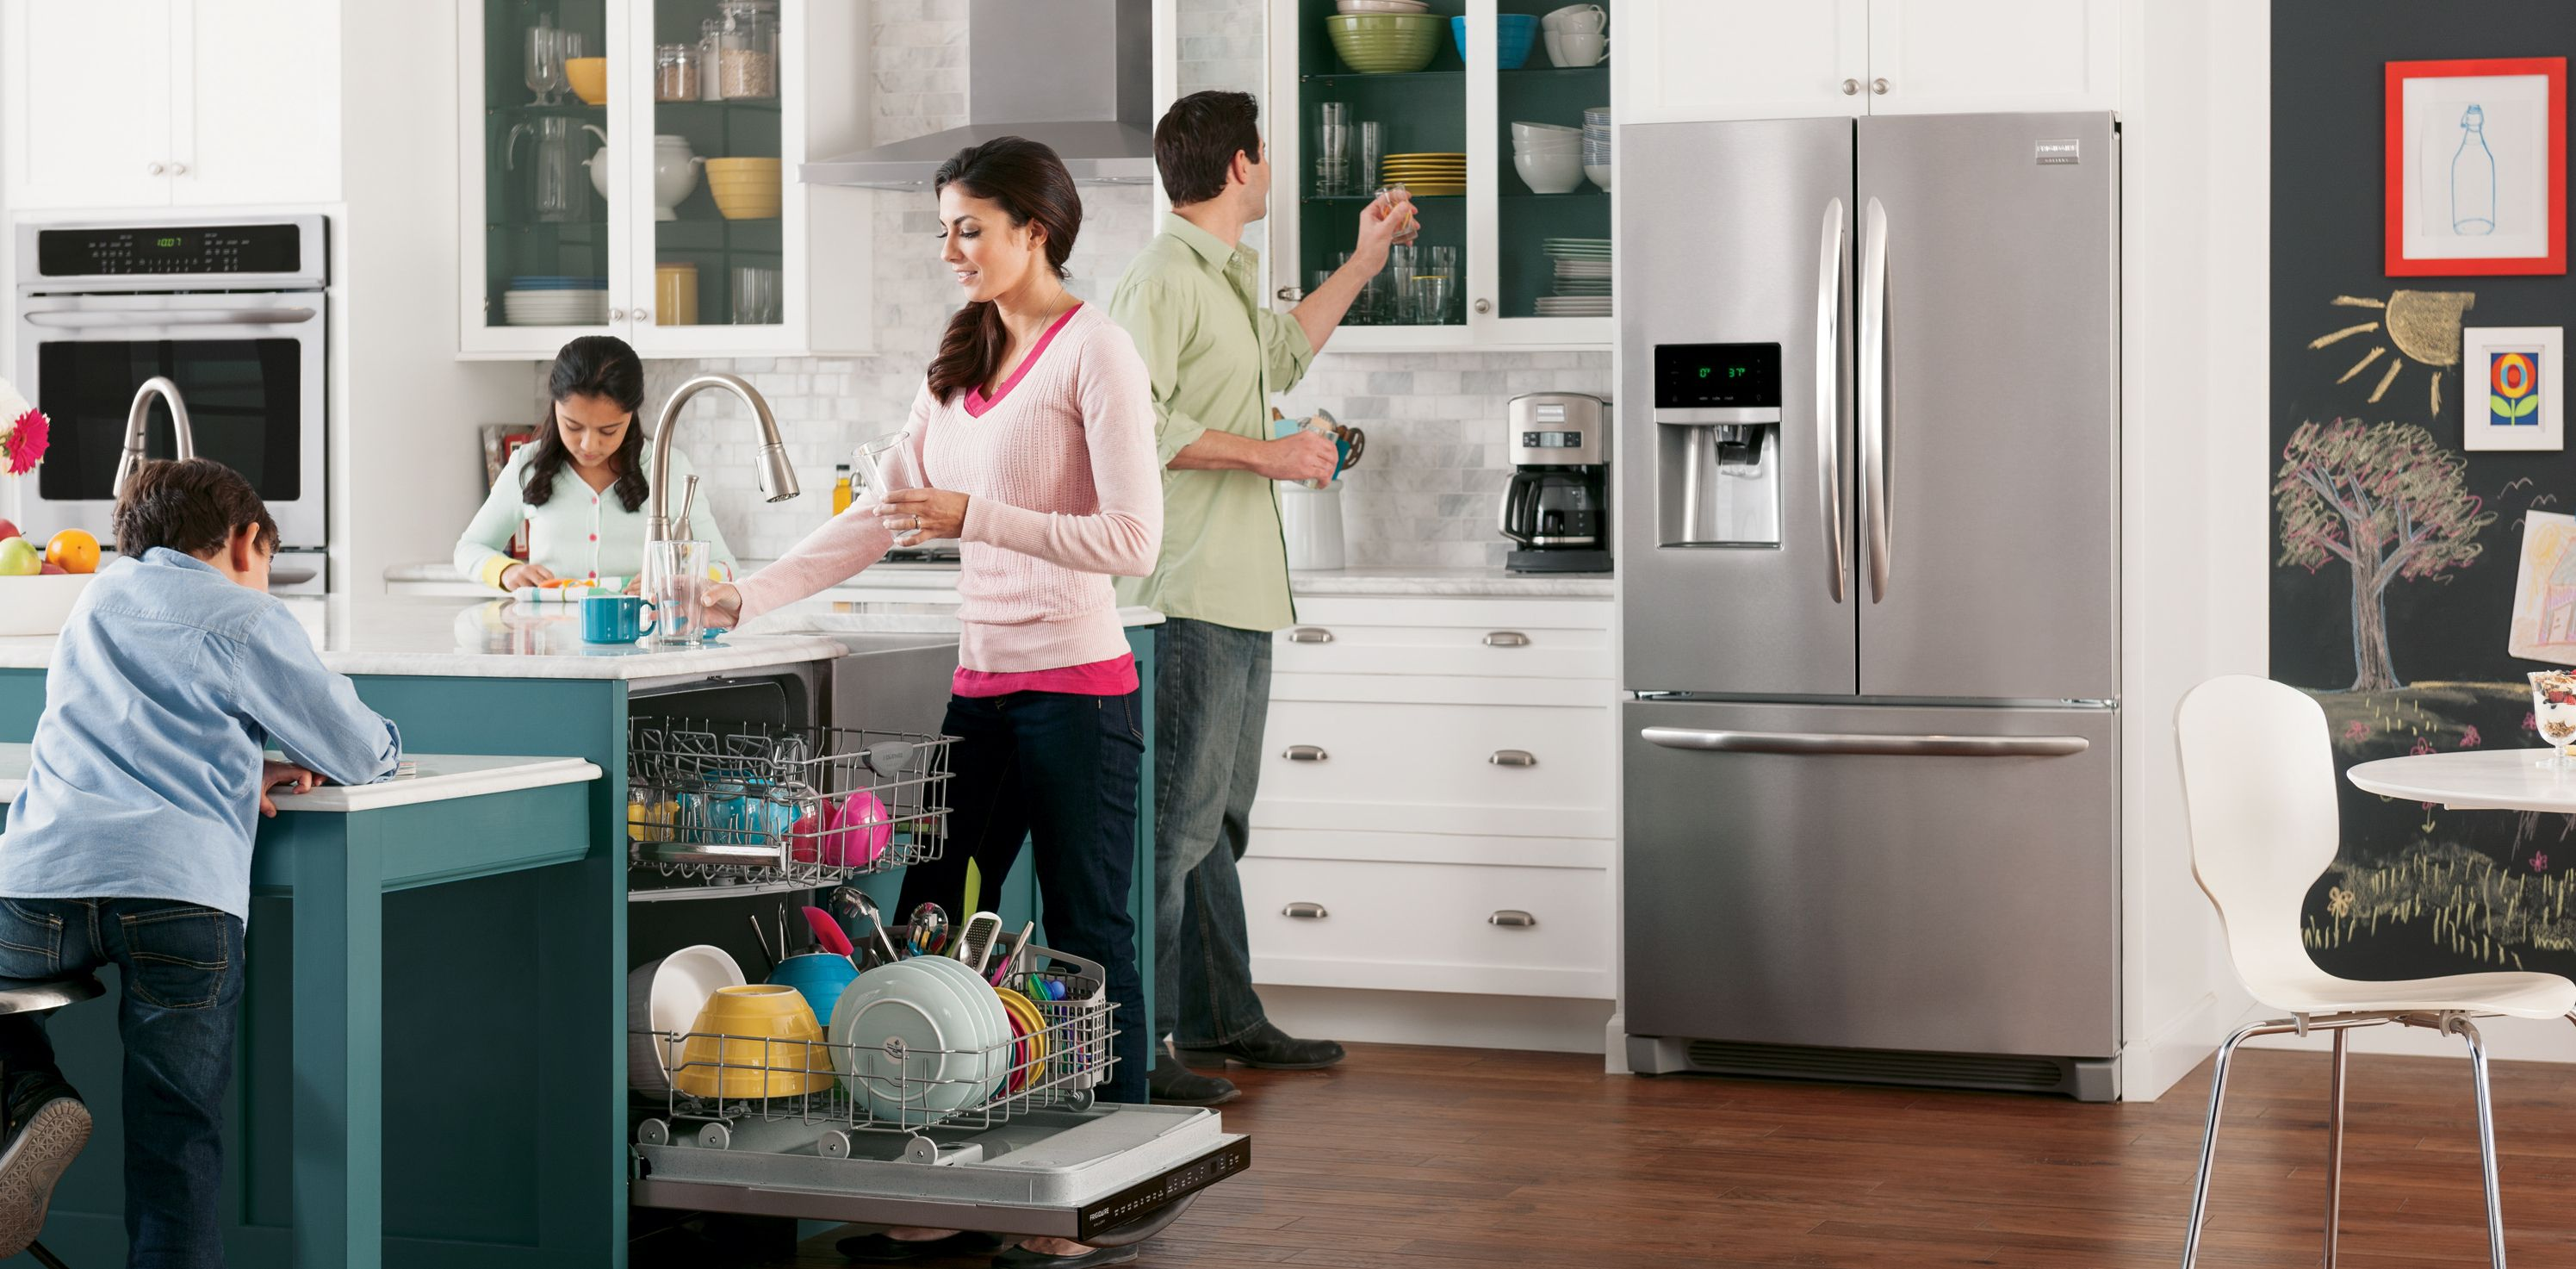 Elegant Hhgregg Kitchen Appliances